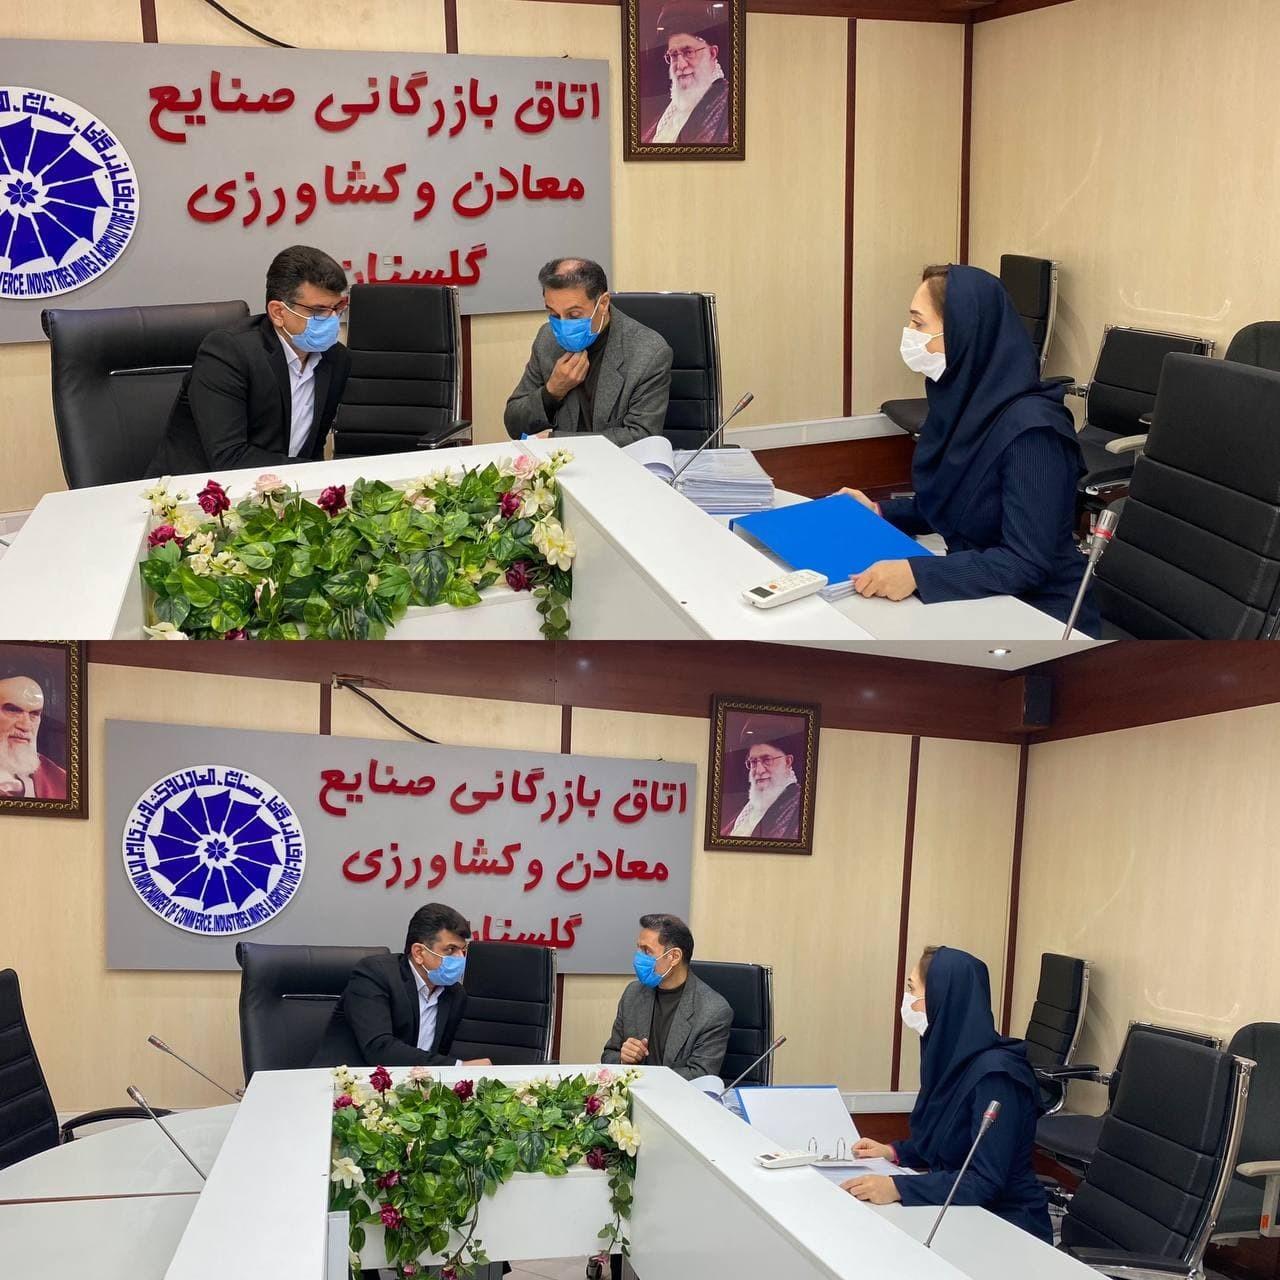 نشست کارشناسی ارزیابی عملکرد 6 ماهه اول سال 1399 شورای گفتگوی دولت و بخش خصوصی استان گلستان